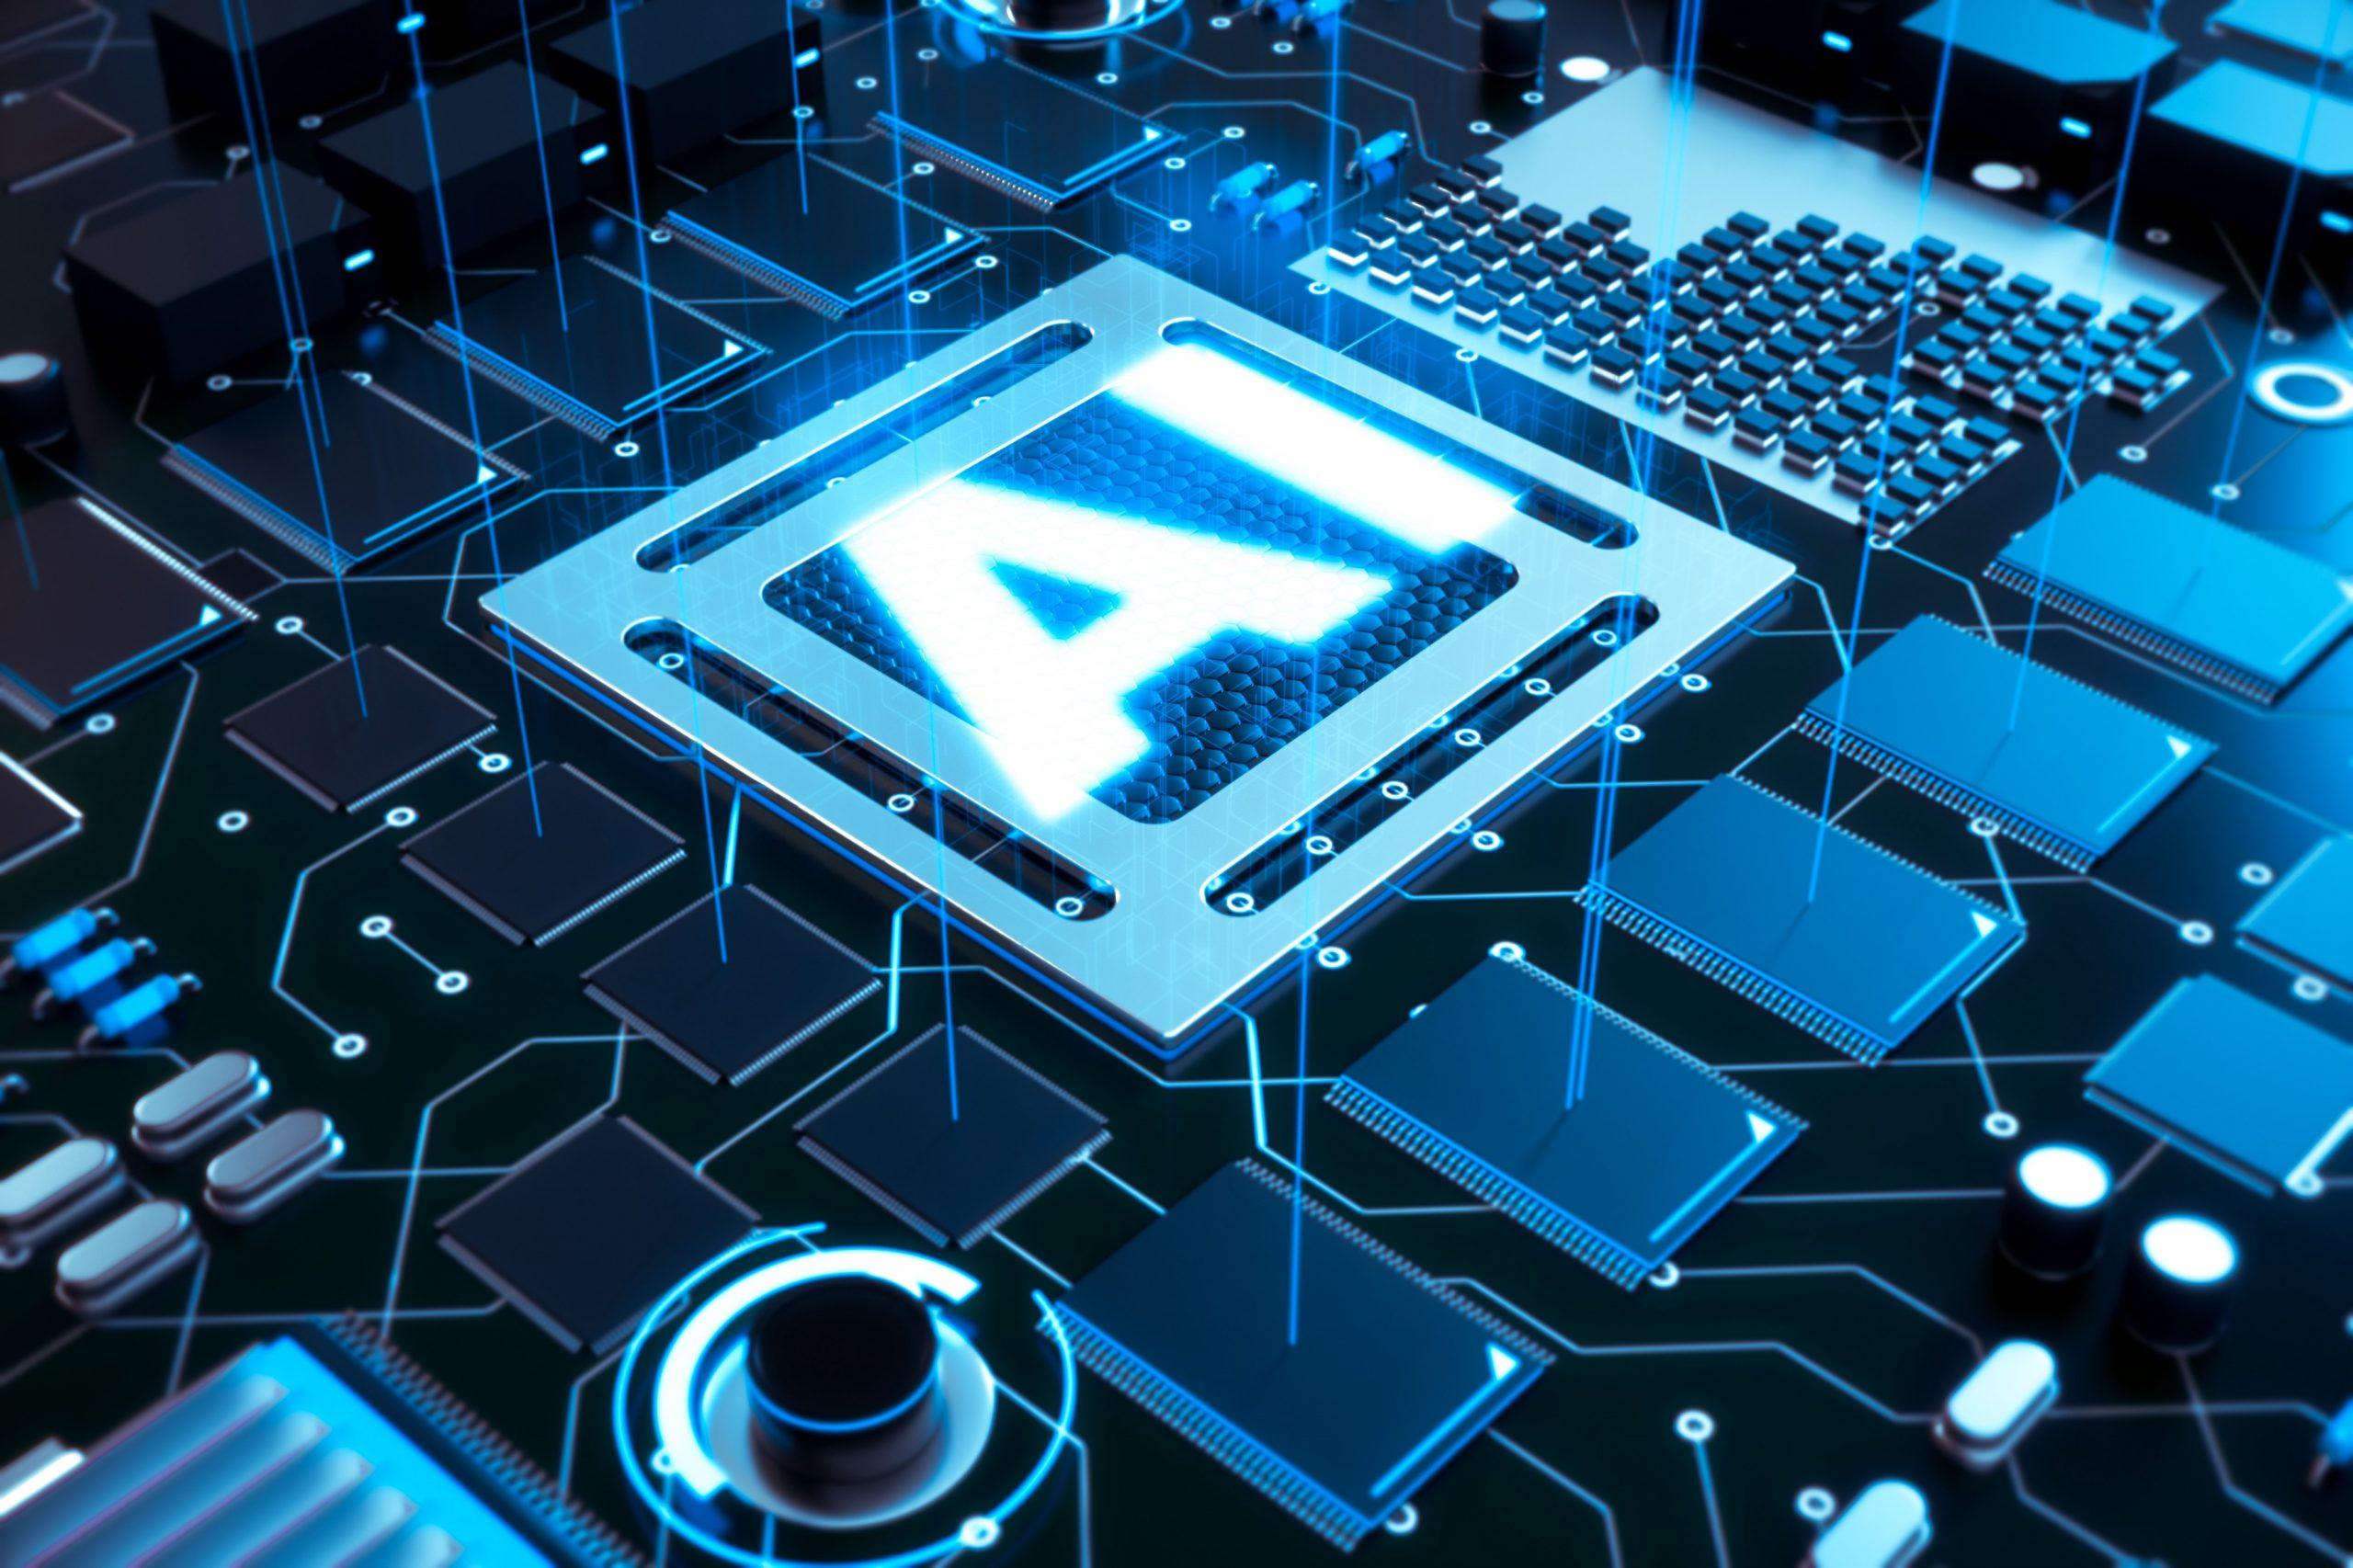 Visa presenta una nueva solución de inteligencia artificial